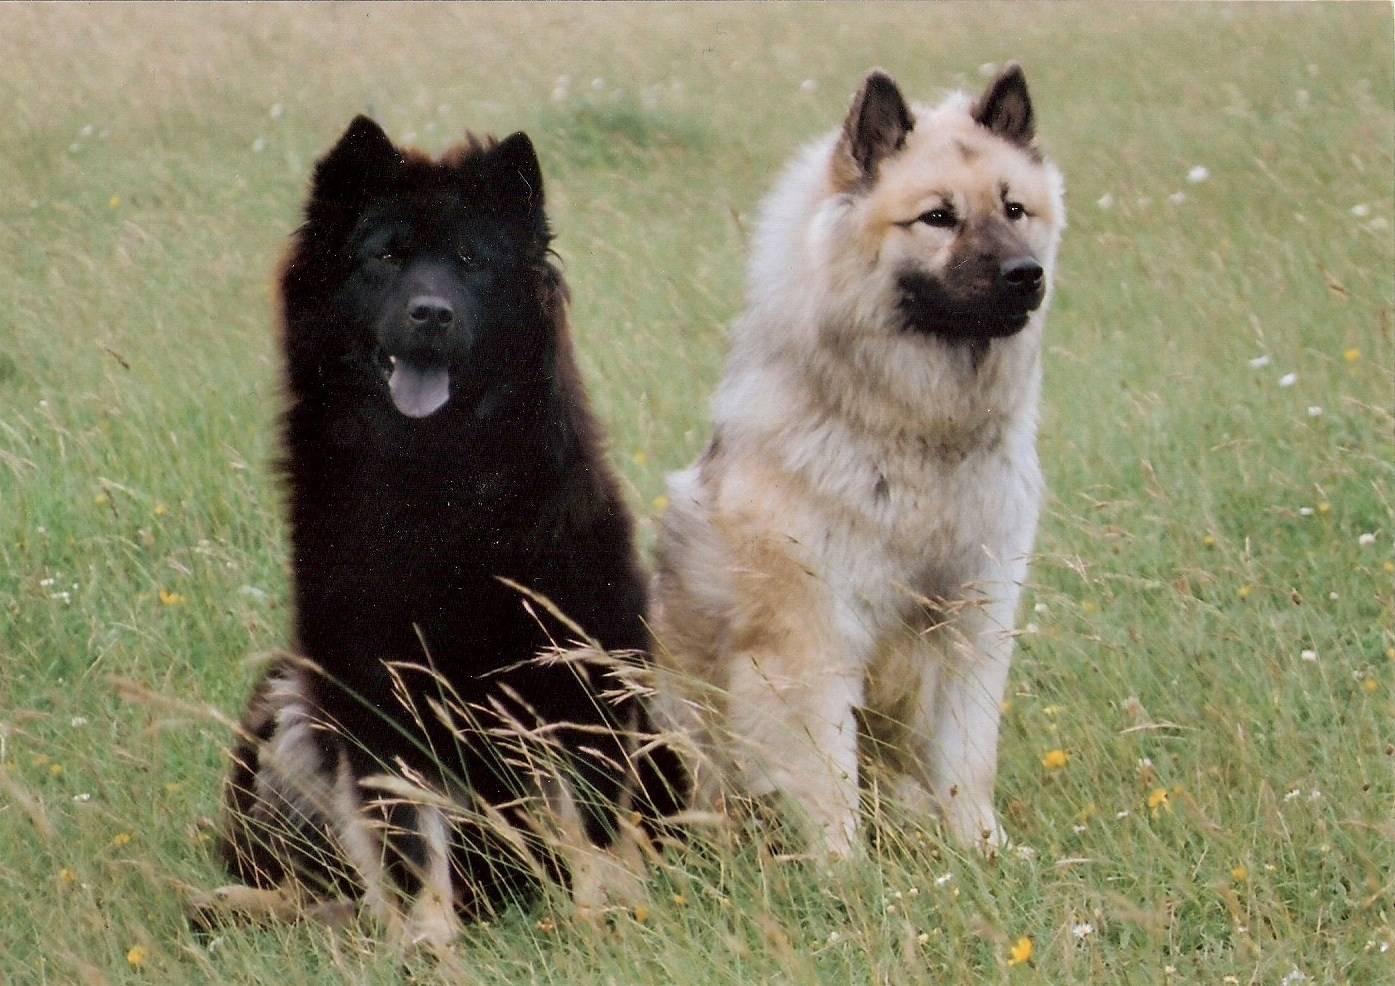 Евразиер (евразийская собака, ойразиер)